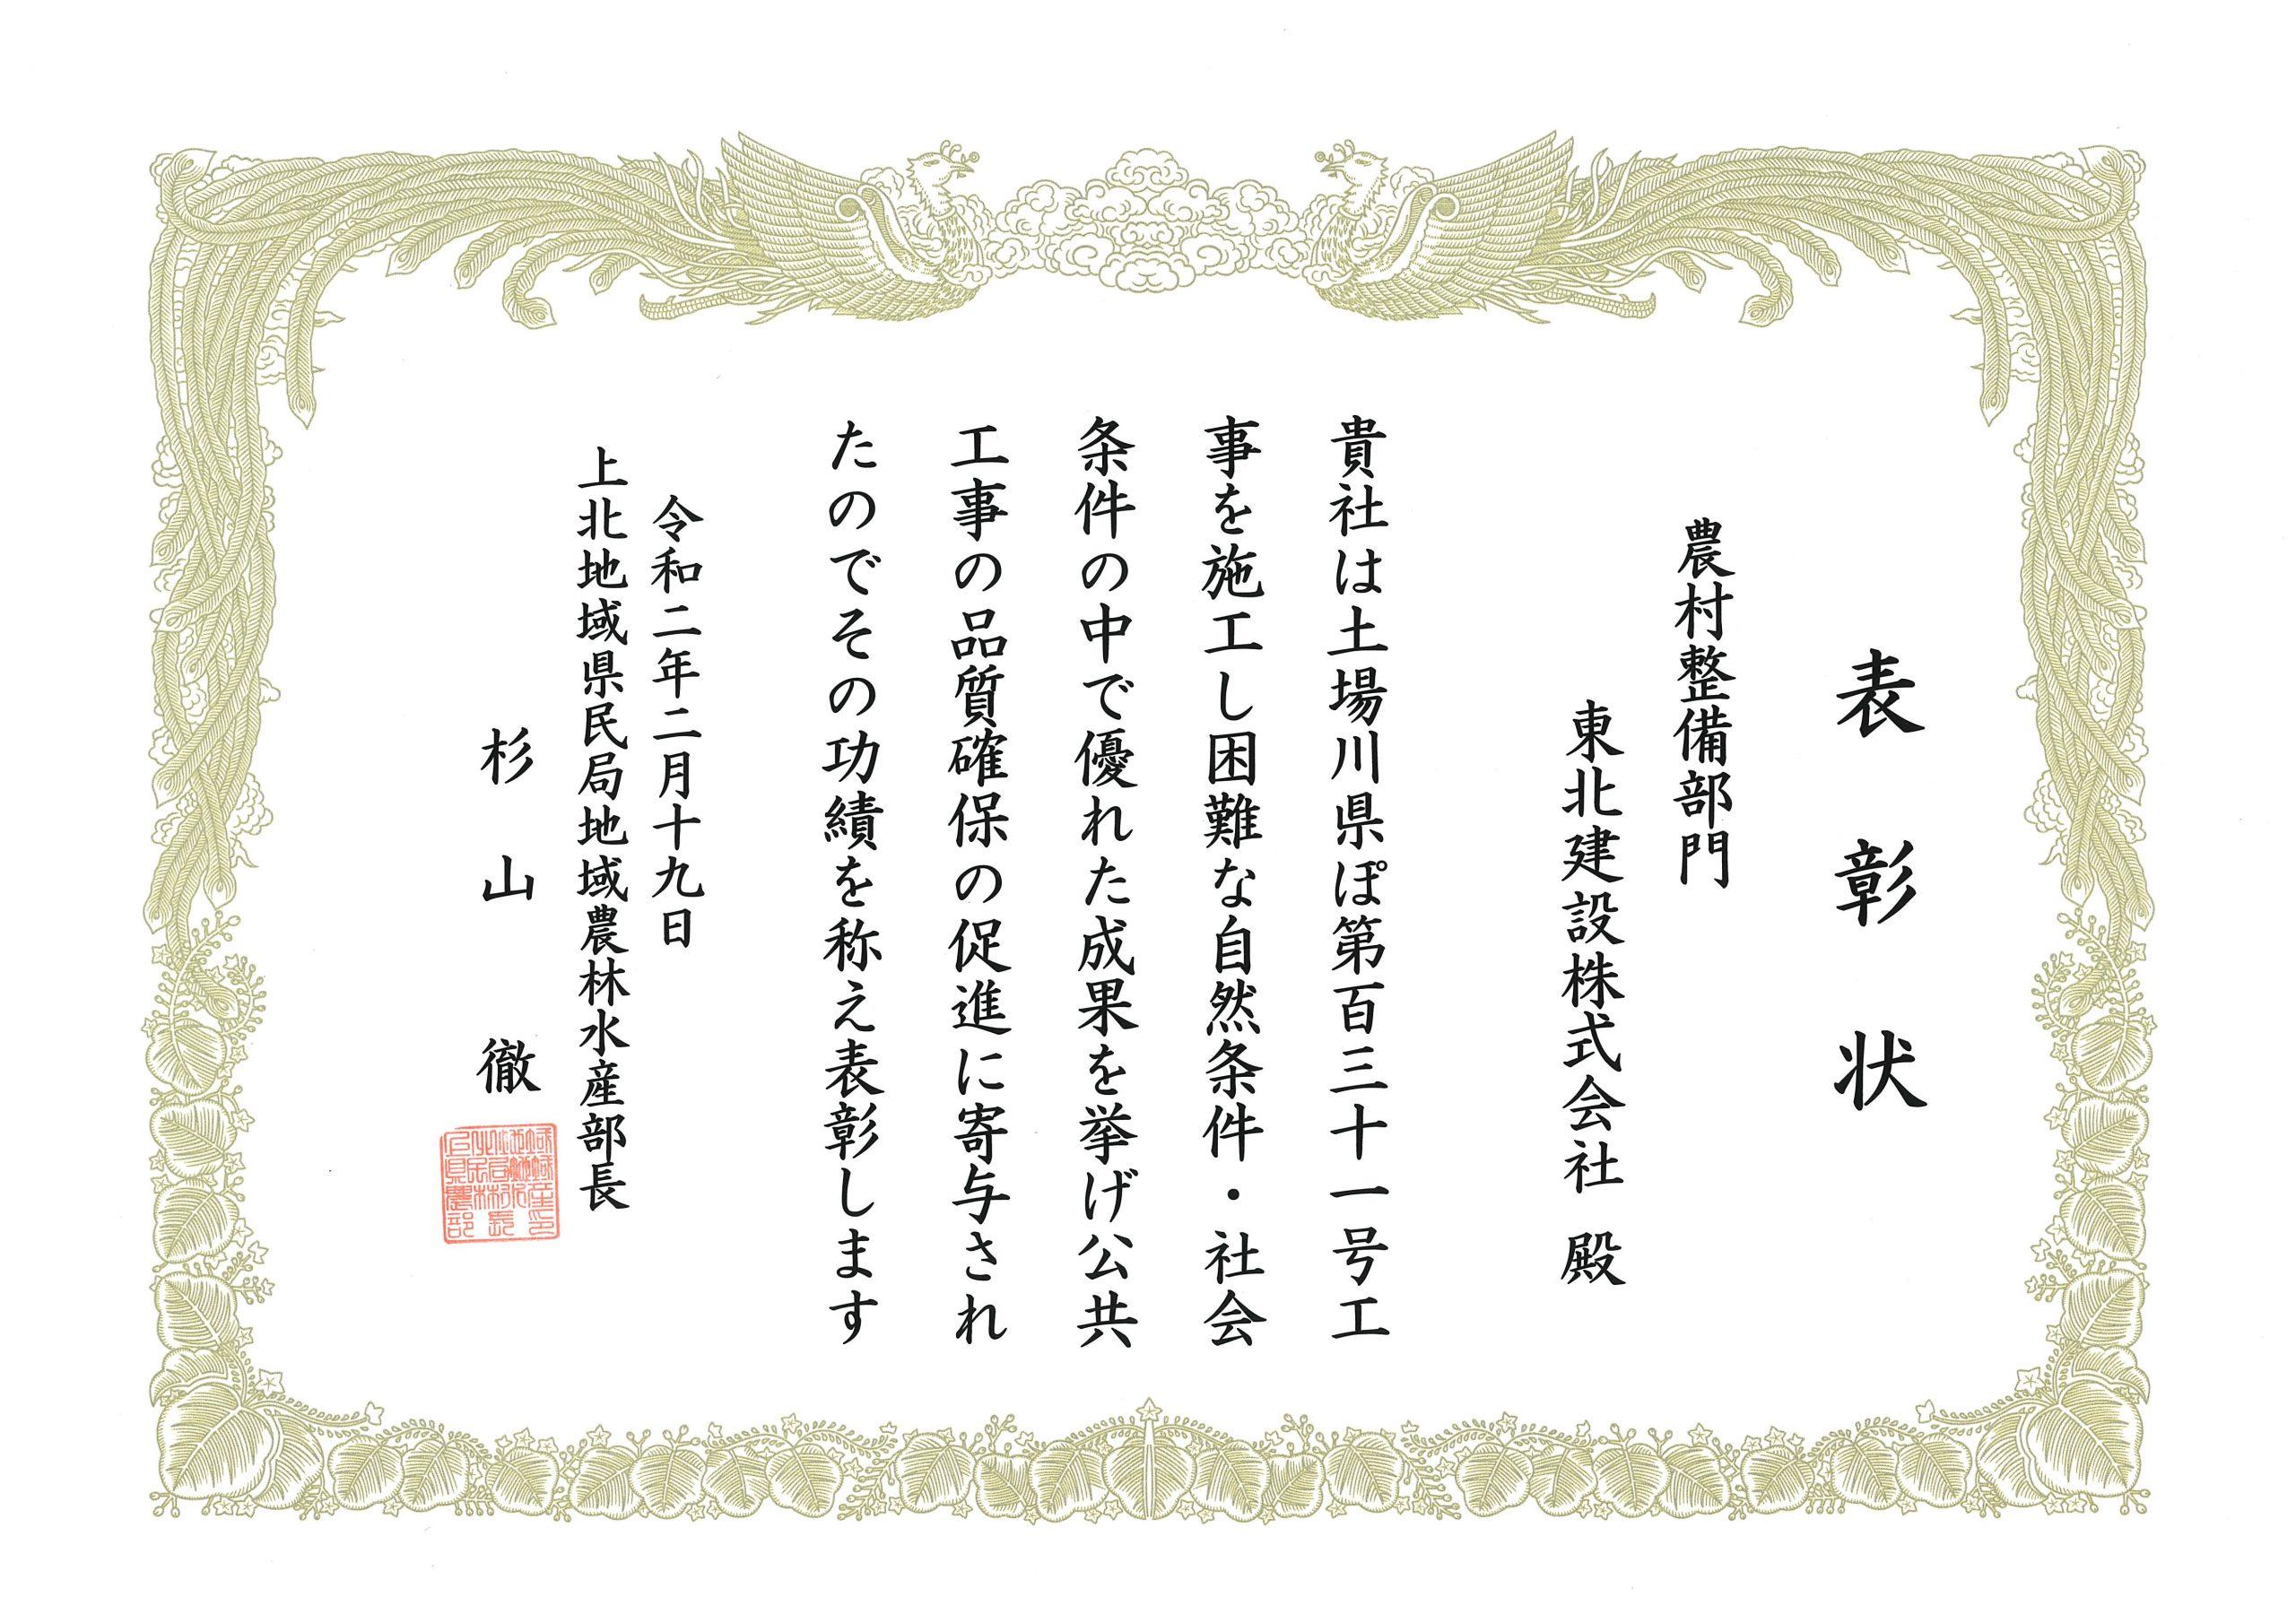 農村整備部門 土場川県ぽ第131号工事(上北地域農林水産部長)